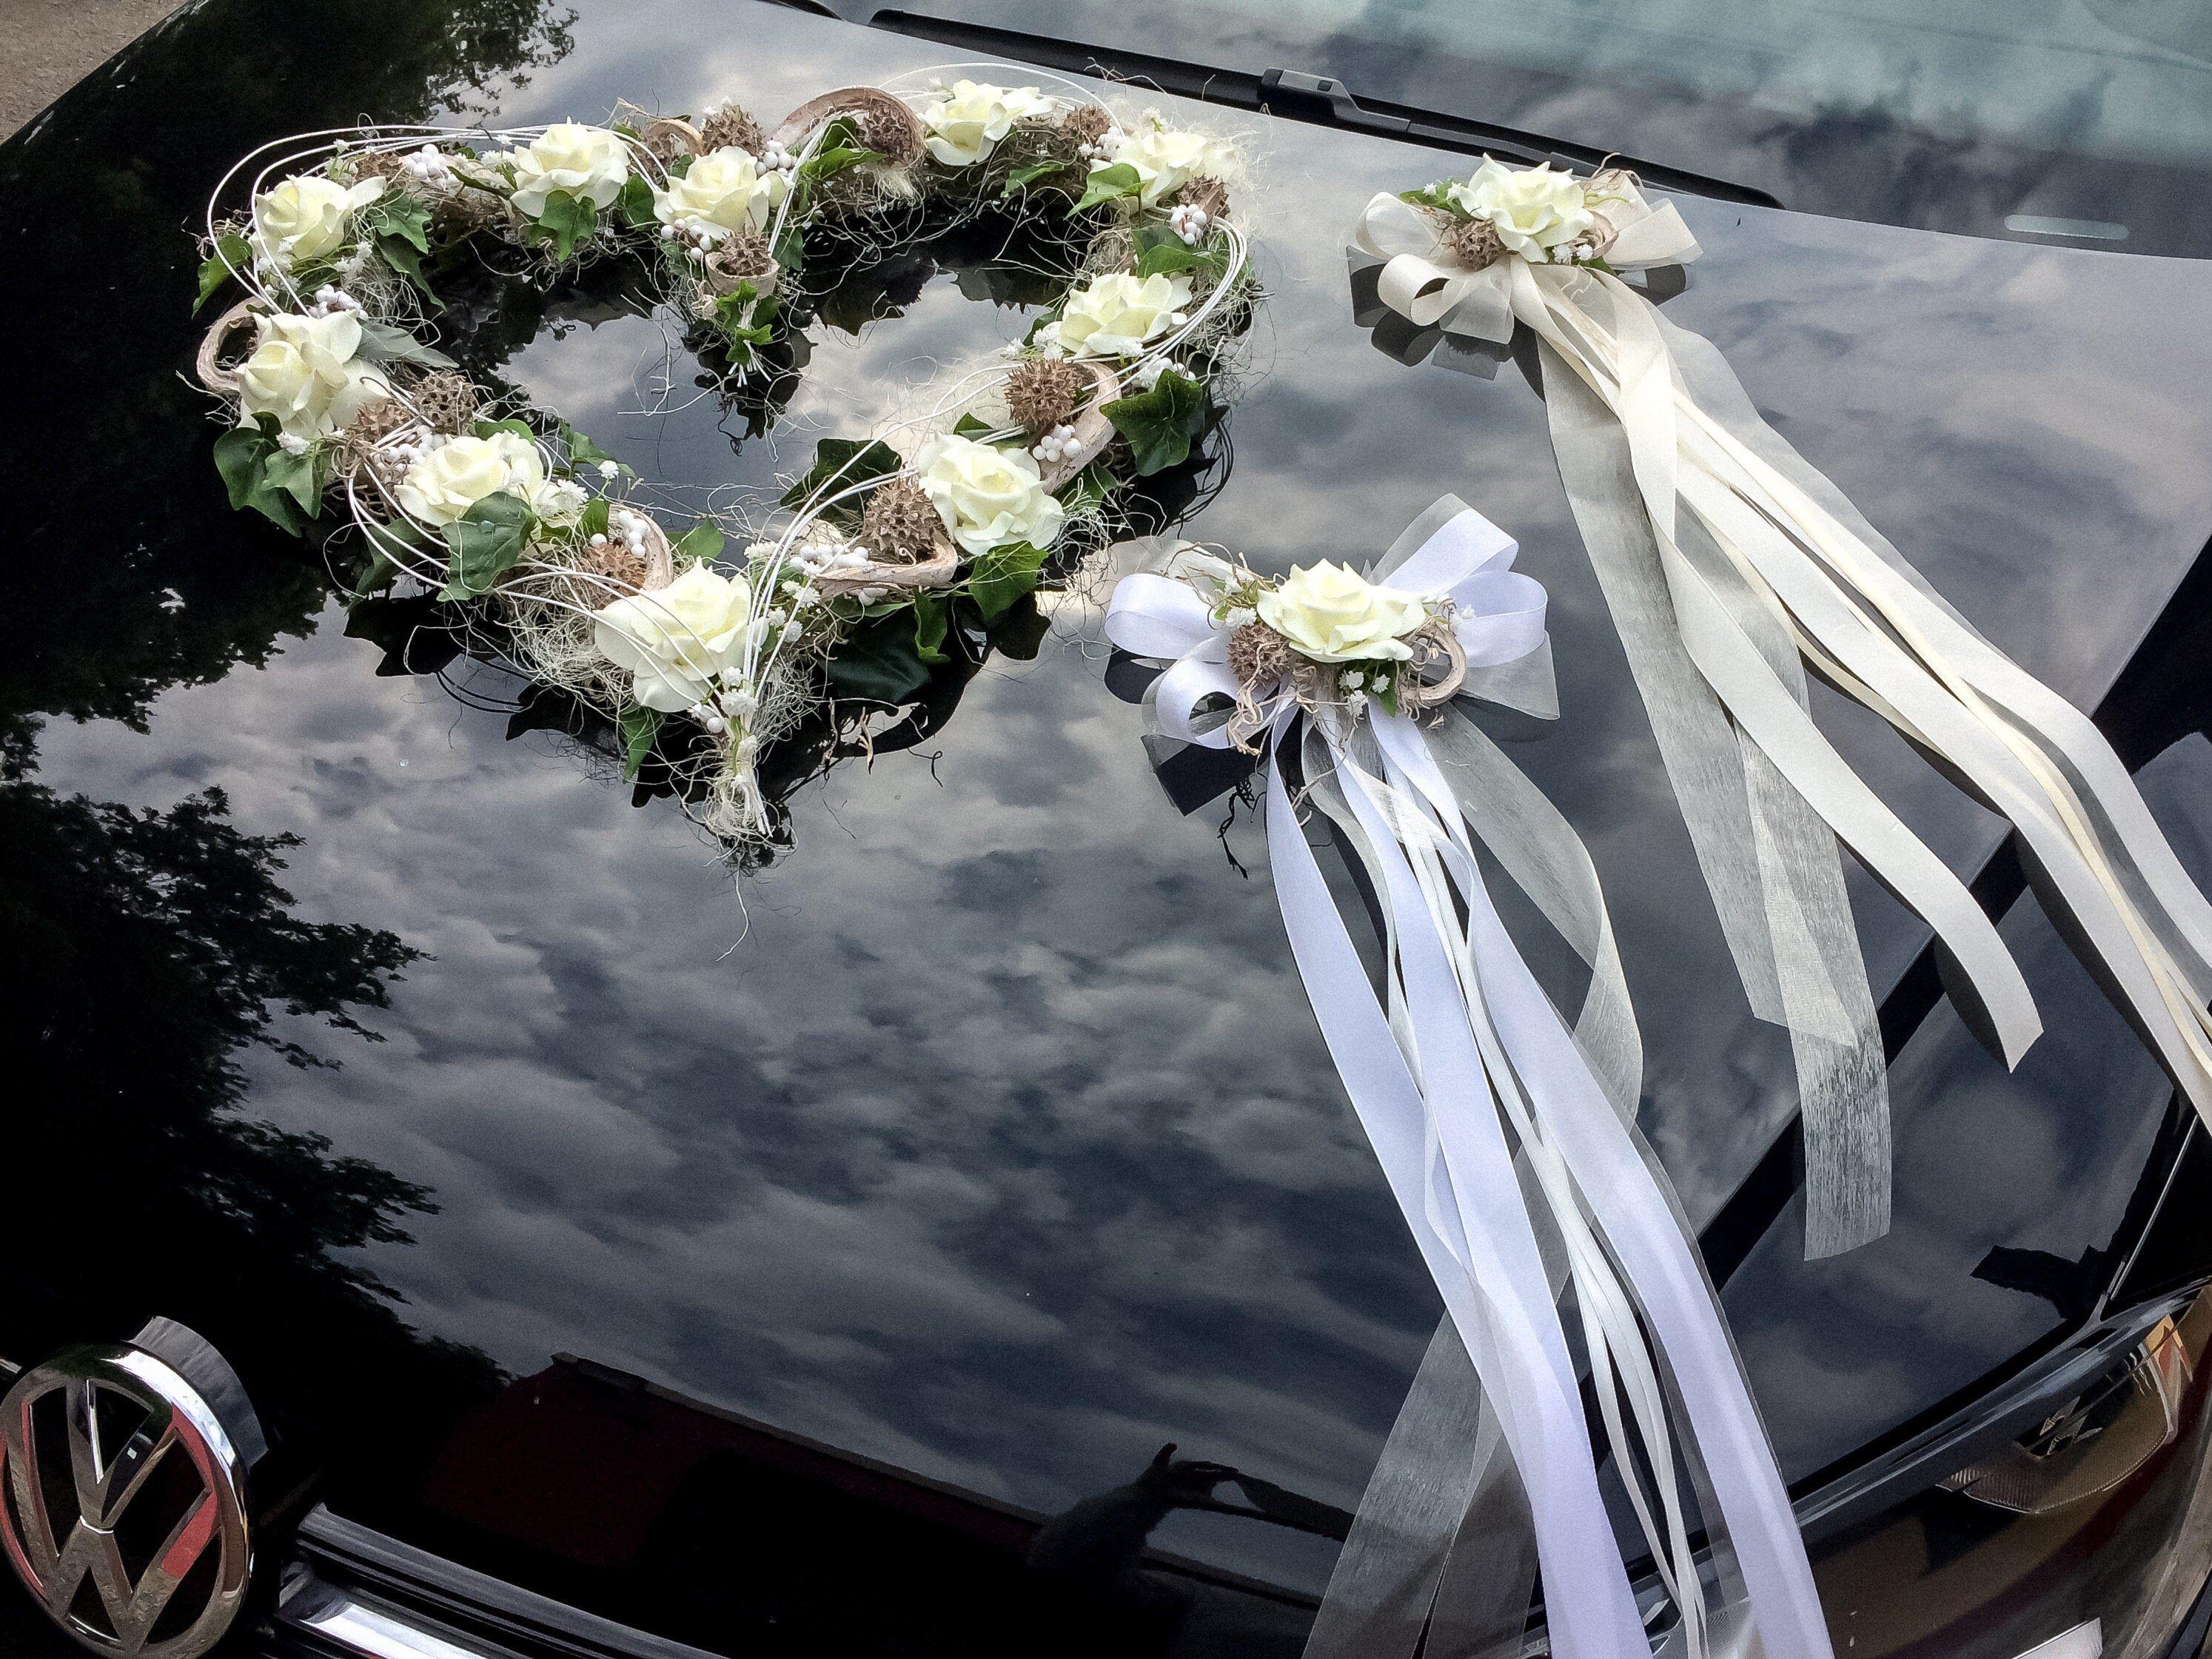 Autoschmuck Set 3 Teilig Herz Und Schleifen Autodekoration Etsy Auto Dekoration Autoschmuck Hochzeit Hochzeitskutsche